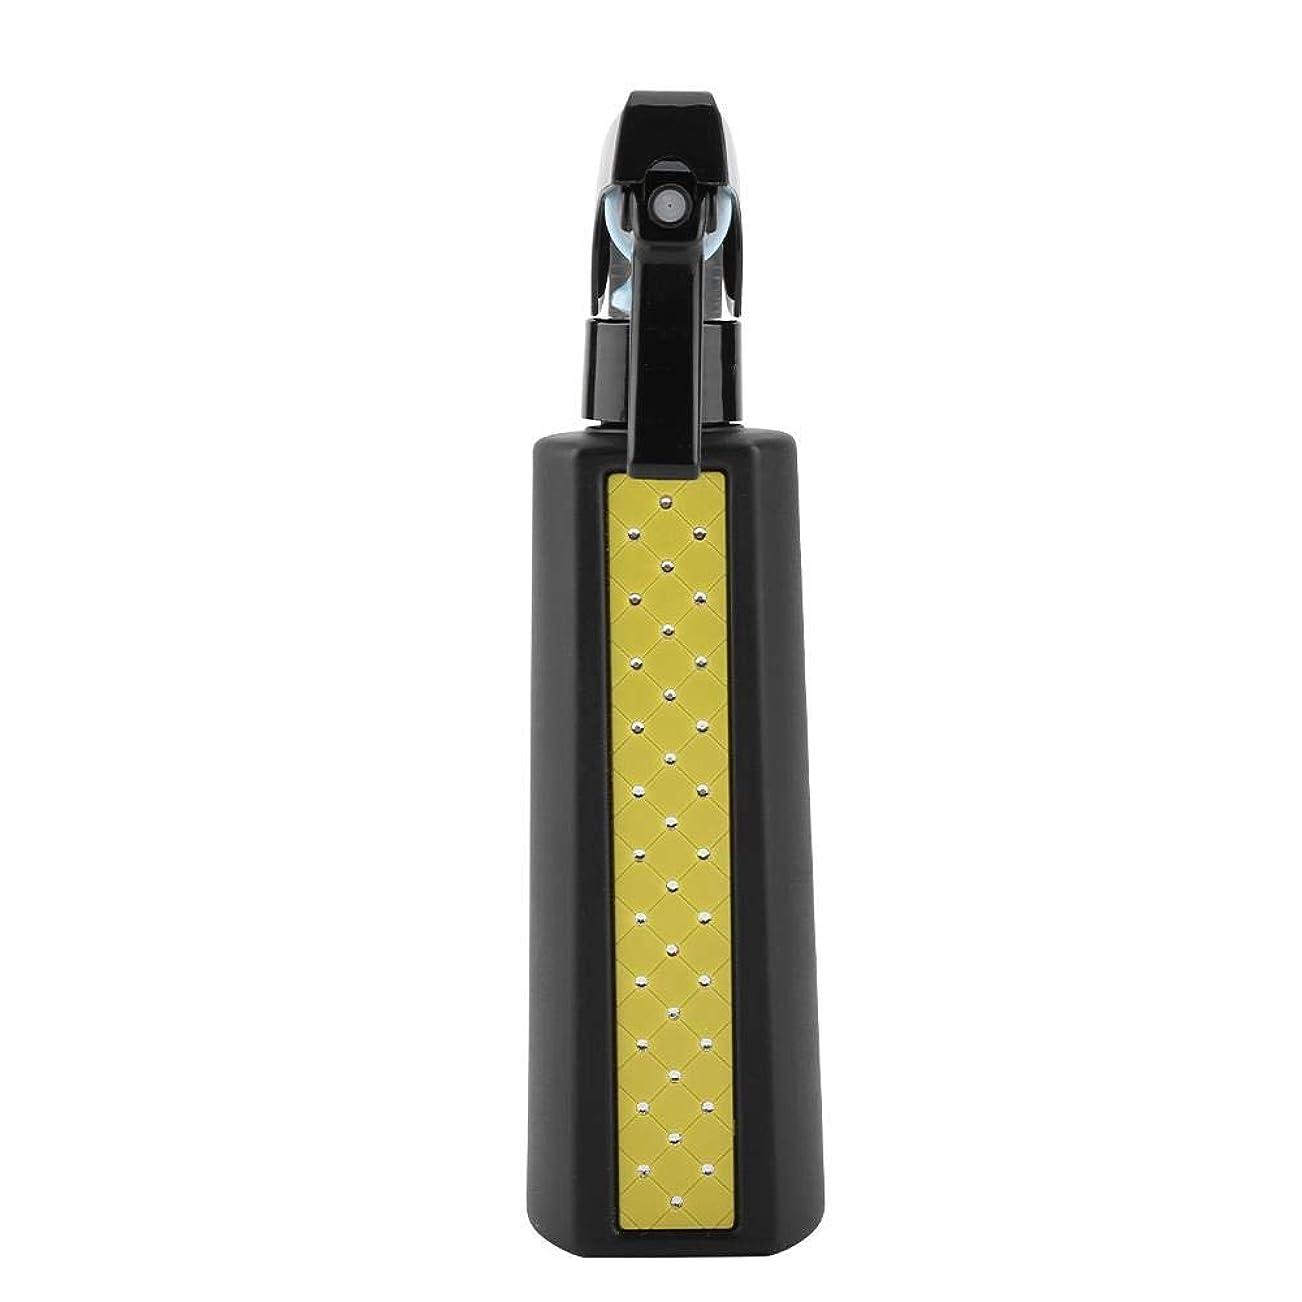 虚栄心ブレース草散水用ボトル, ヘアスプレー300ミリリットル詰め替え用多目的マットヘアスプレーボトル理髪理髪ツール散水缶 (Yellow)